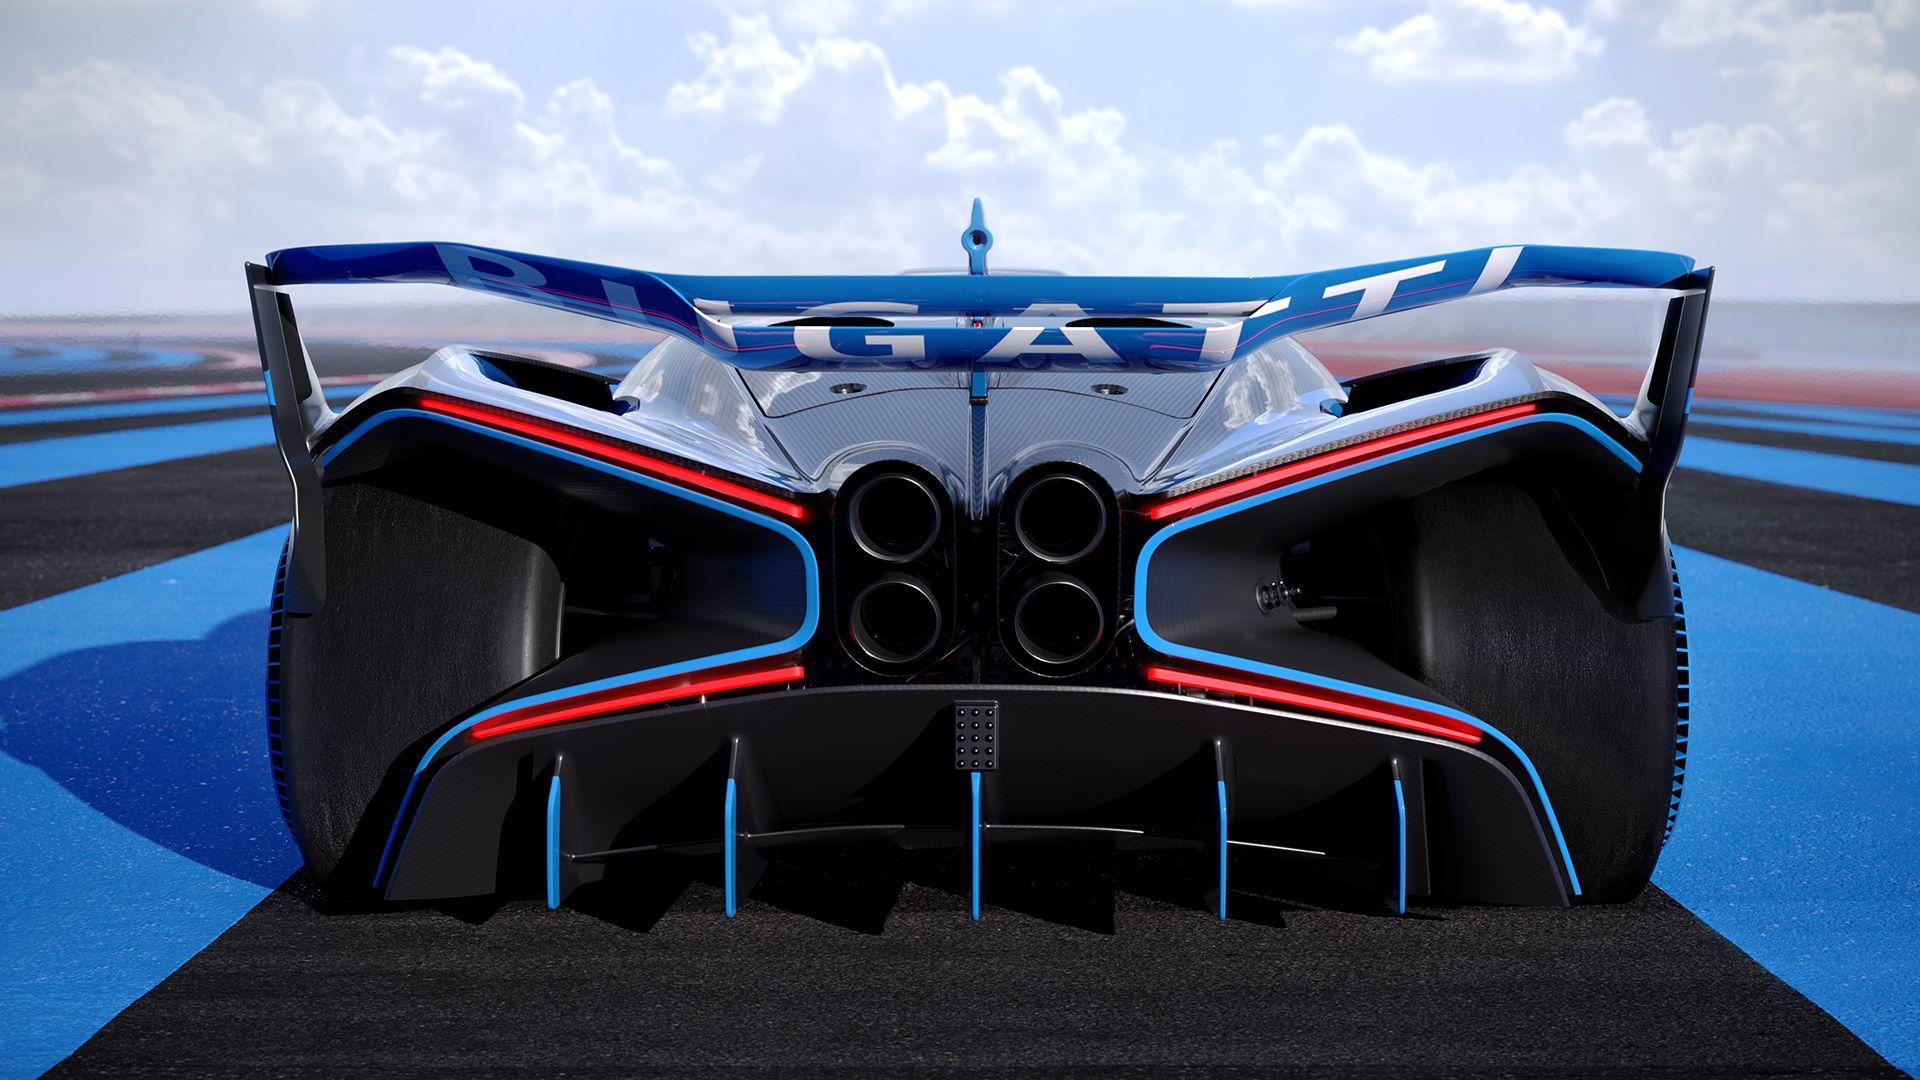 Bugatti-Bolide-concept-23